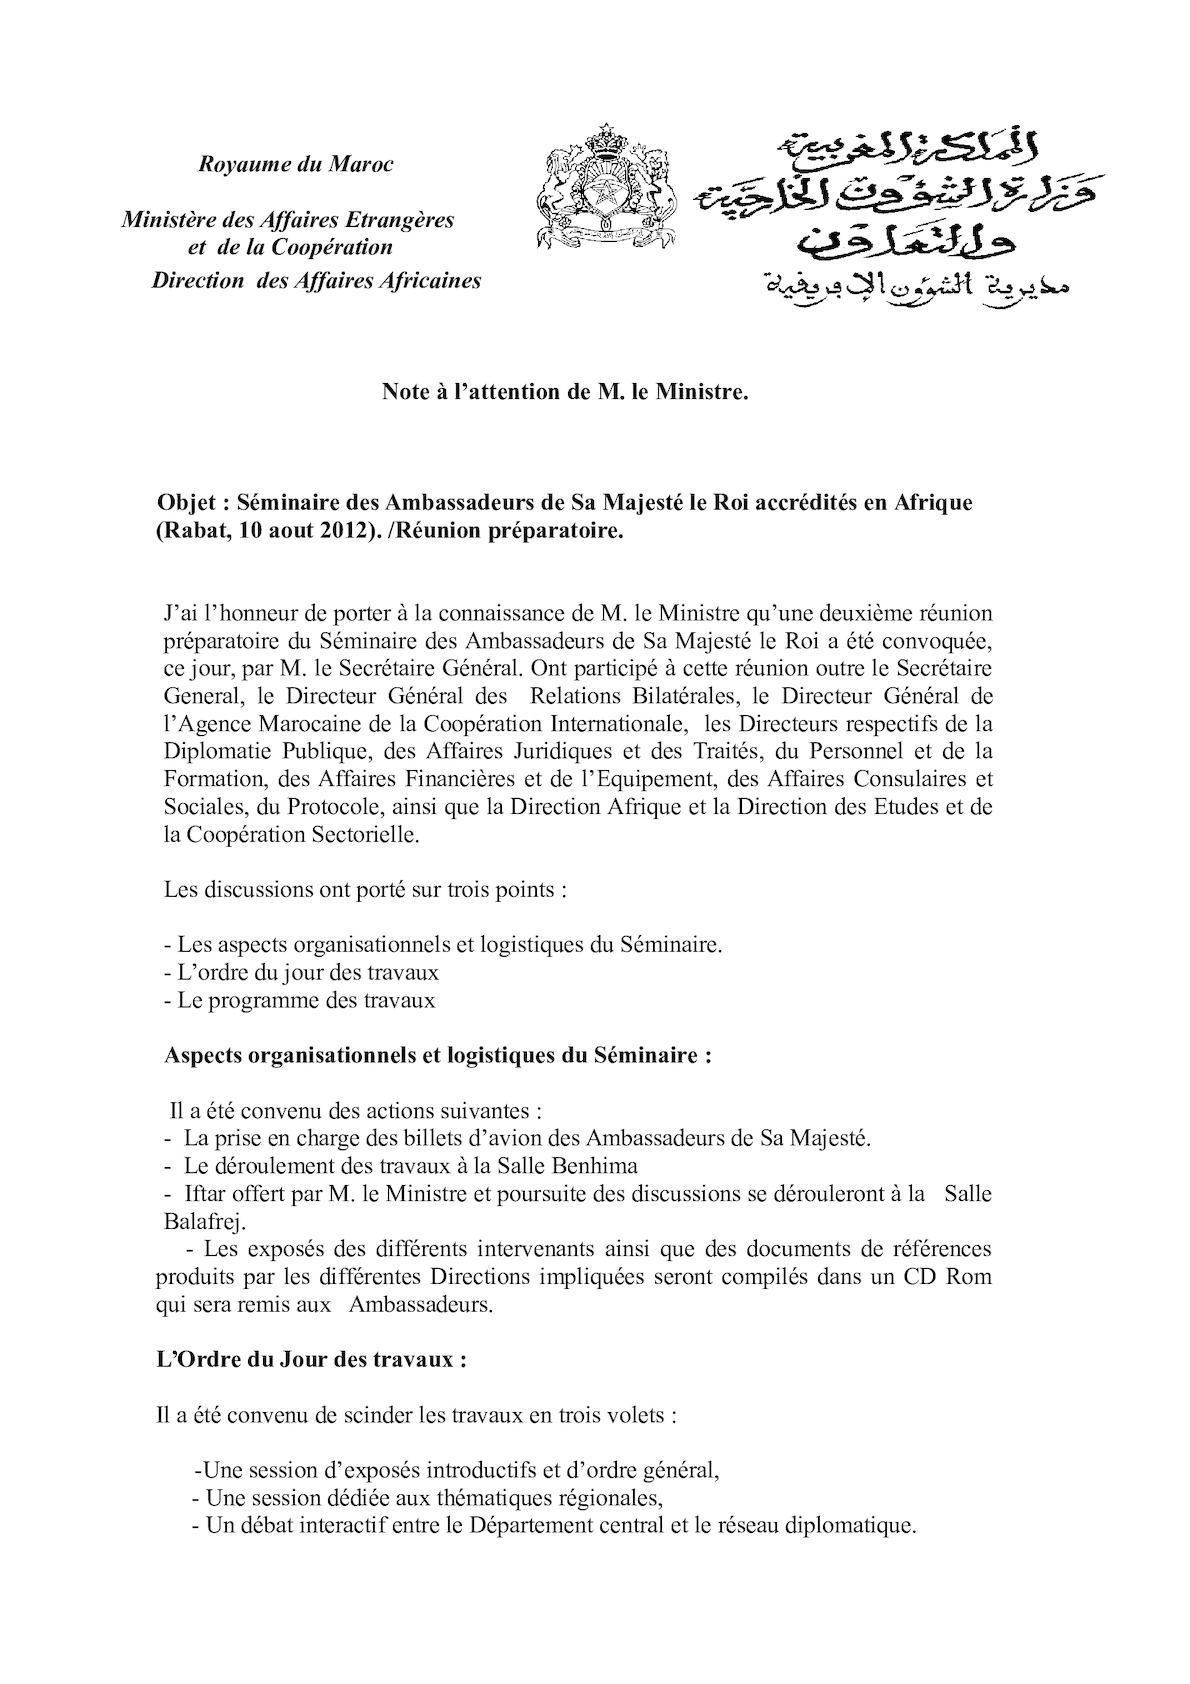 CR Réunion Préparatoire Séminaire Amb Afrique